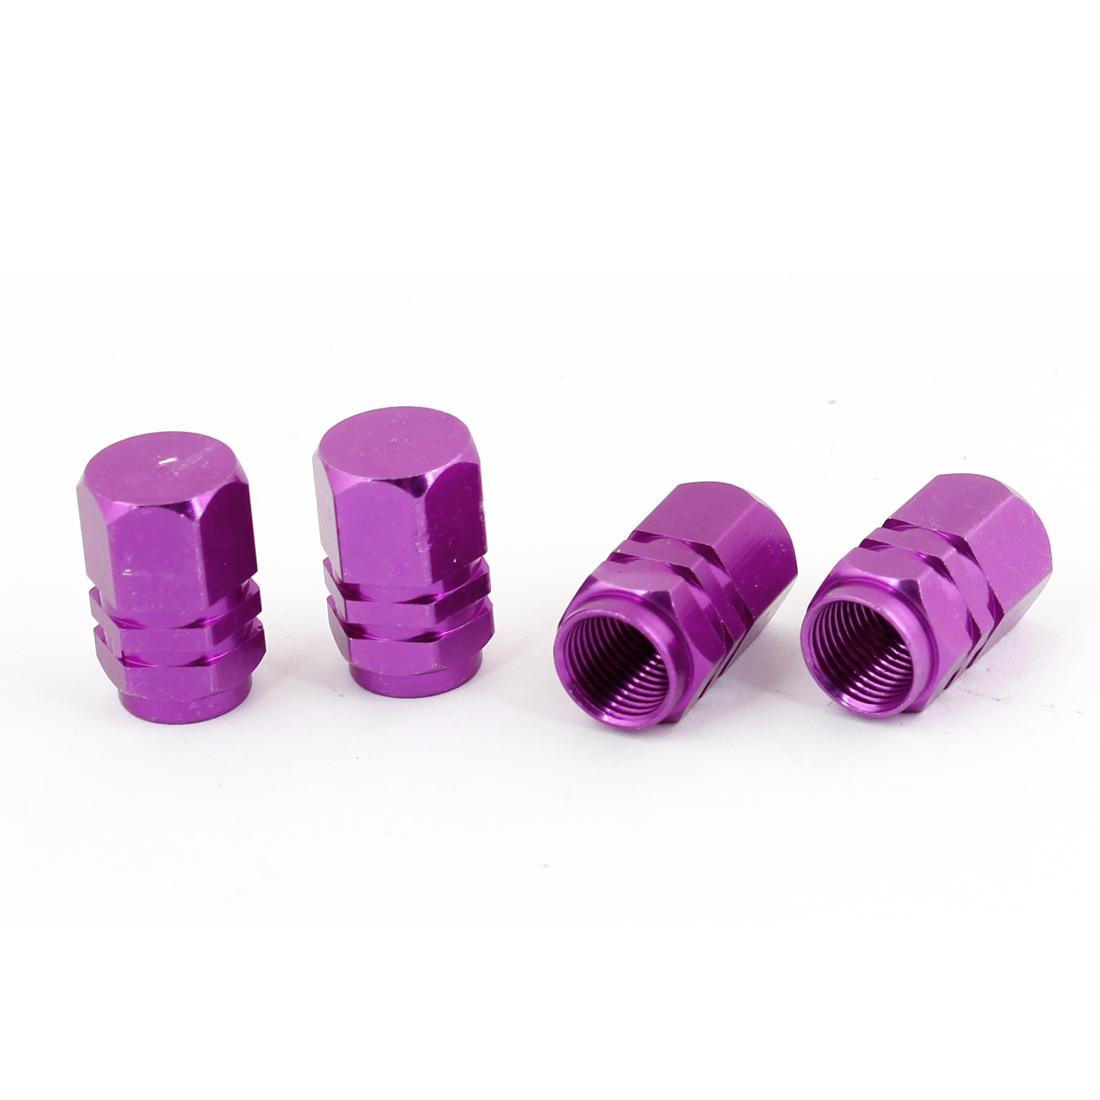 4pcs Hexagon Tyre Tire Valve Stems Caps Cover Purple for Vehicle Car